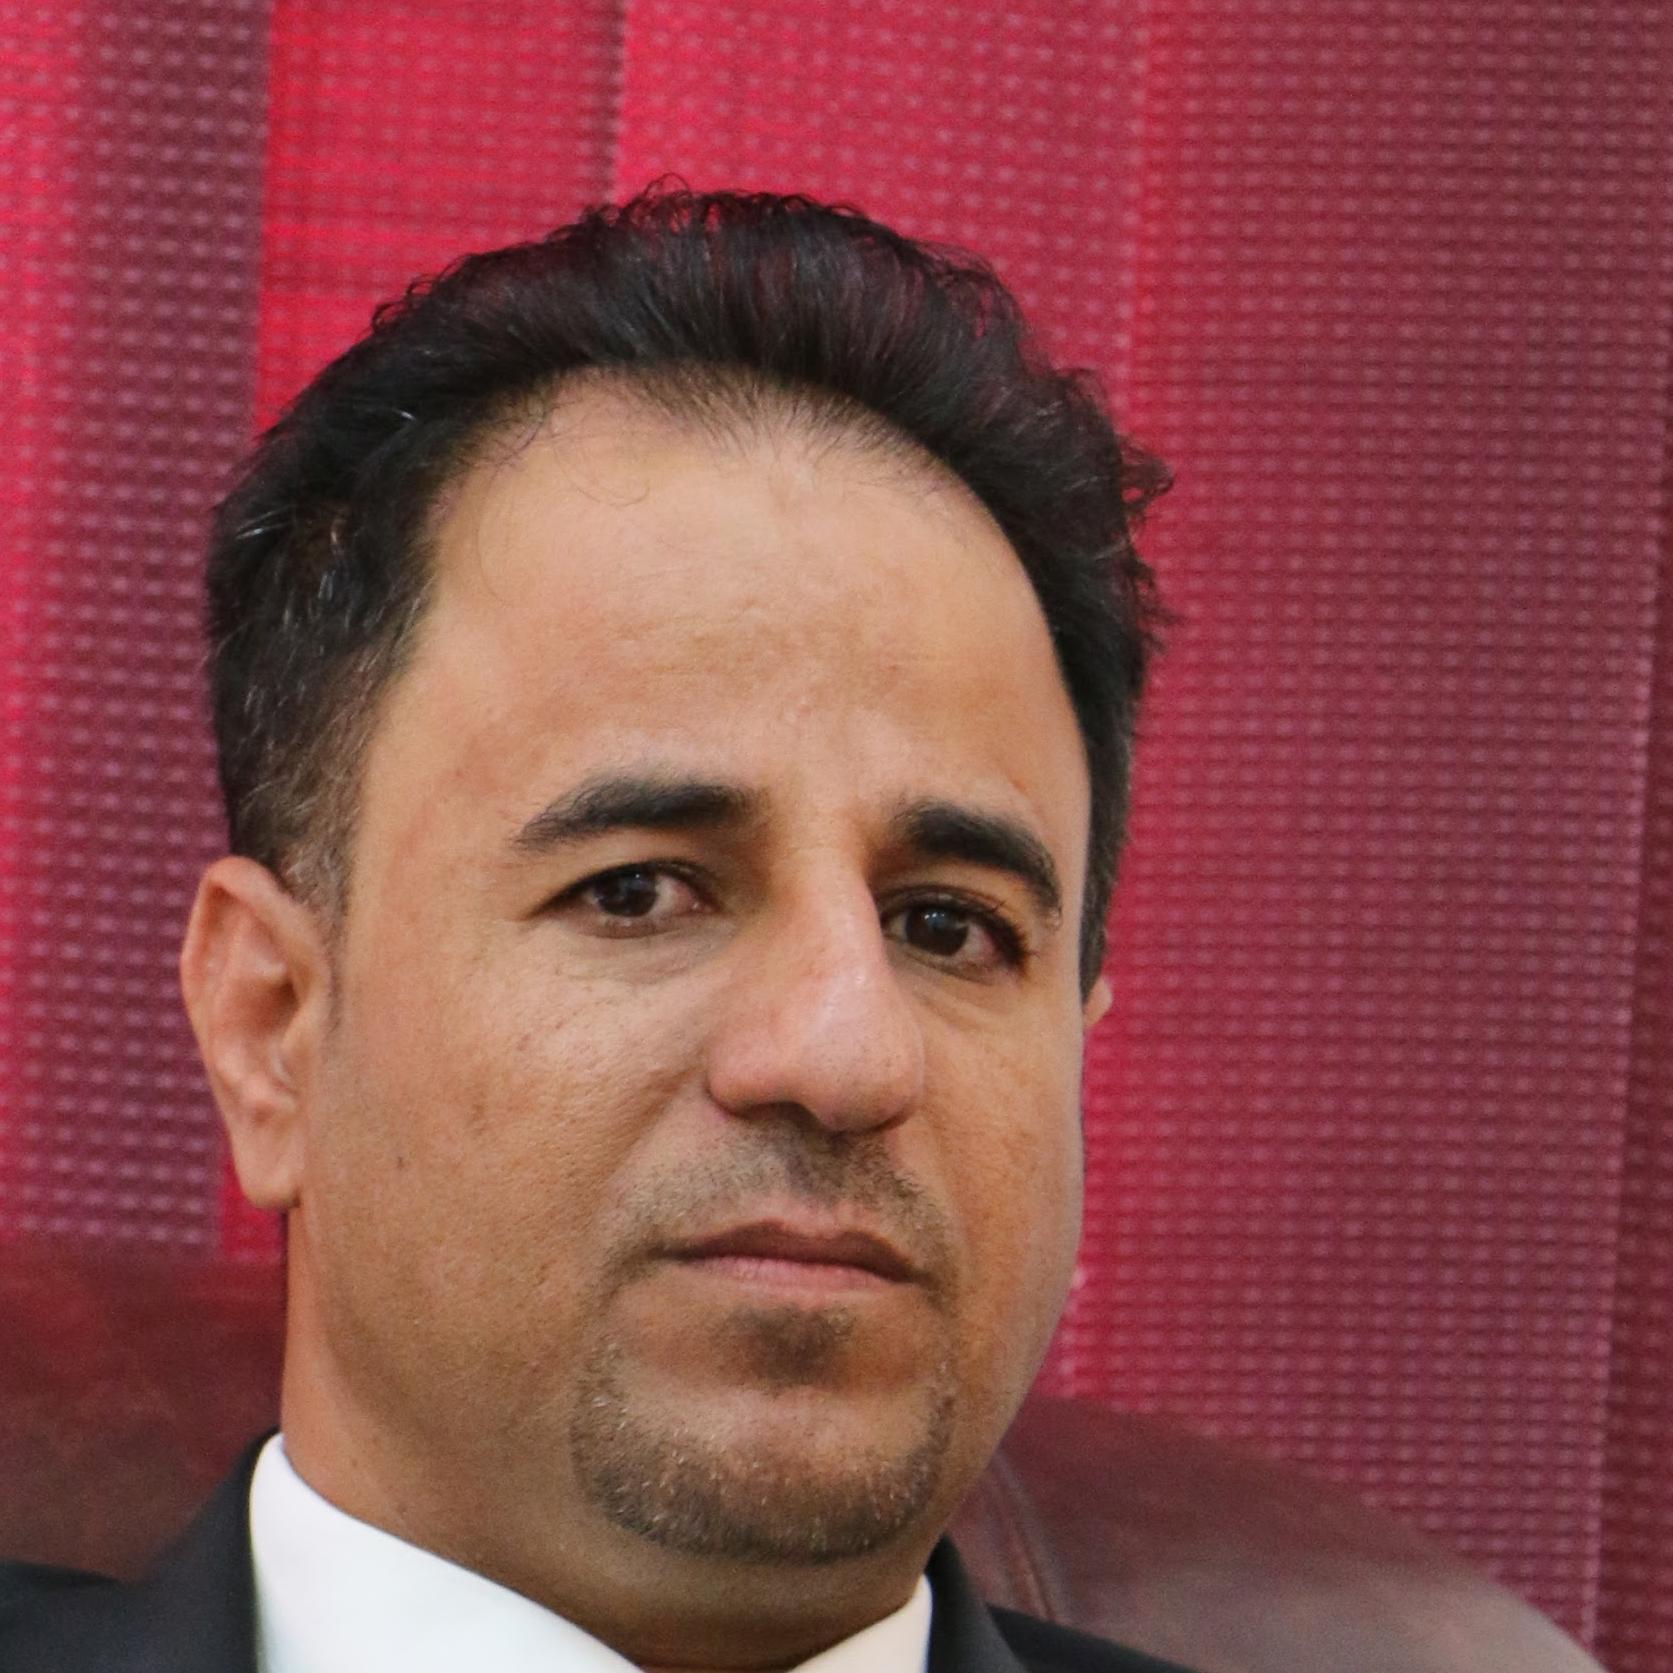 abdulqawiqaid